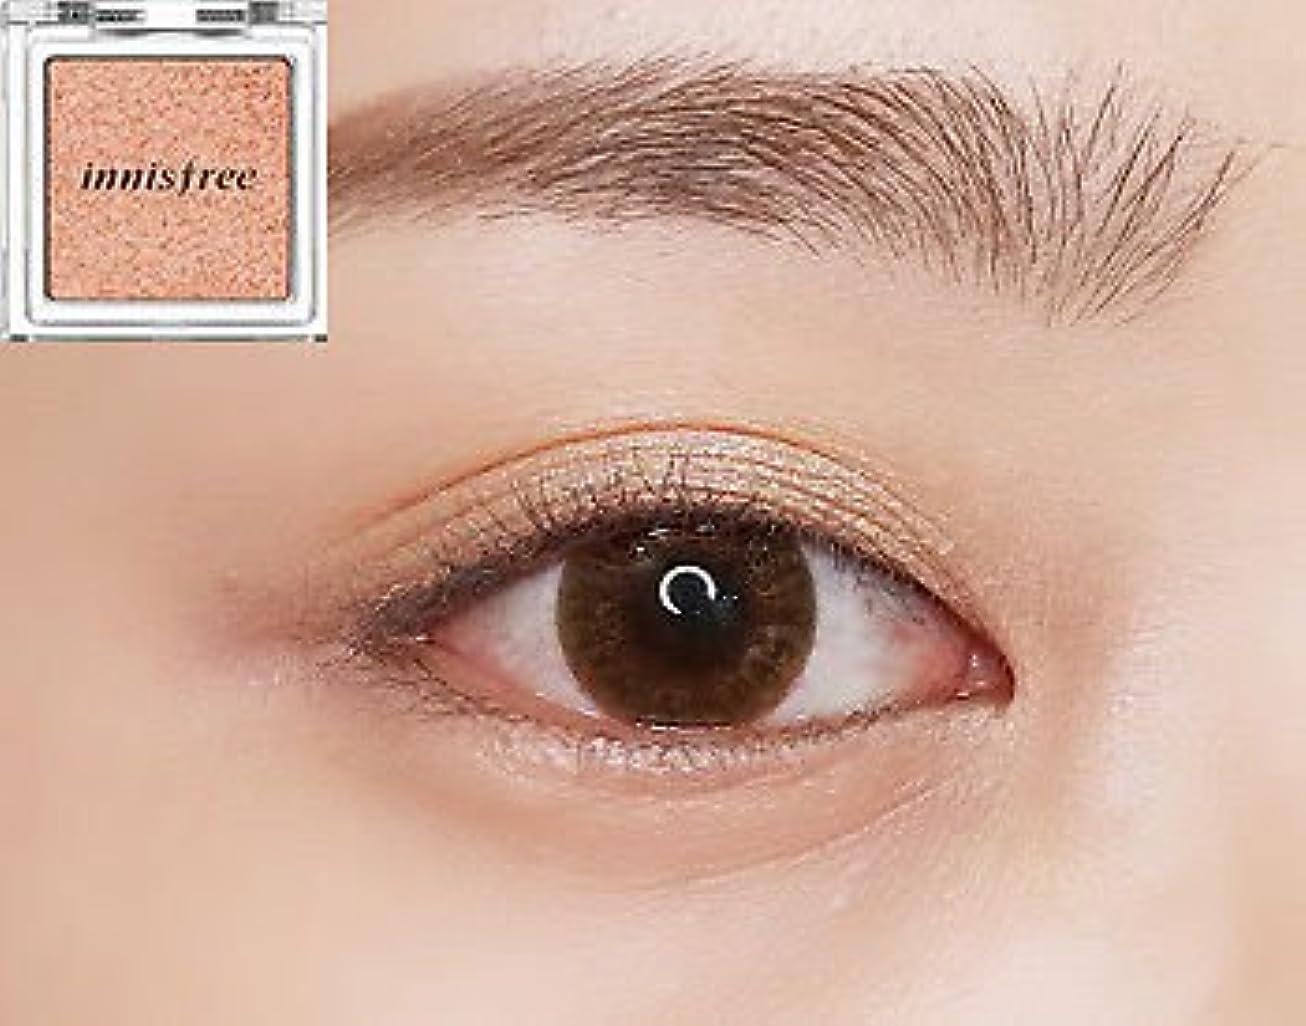 富豪業界実際[イニスフリー] innisfree [マイ パレット マイ アイシャドウ (グリッタ一) 20カラー] MY PALETTE My Eyeshadow (Glitter) 20 Shades [海外直送品] (グリッタ一 #02)